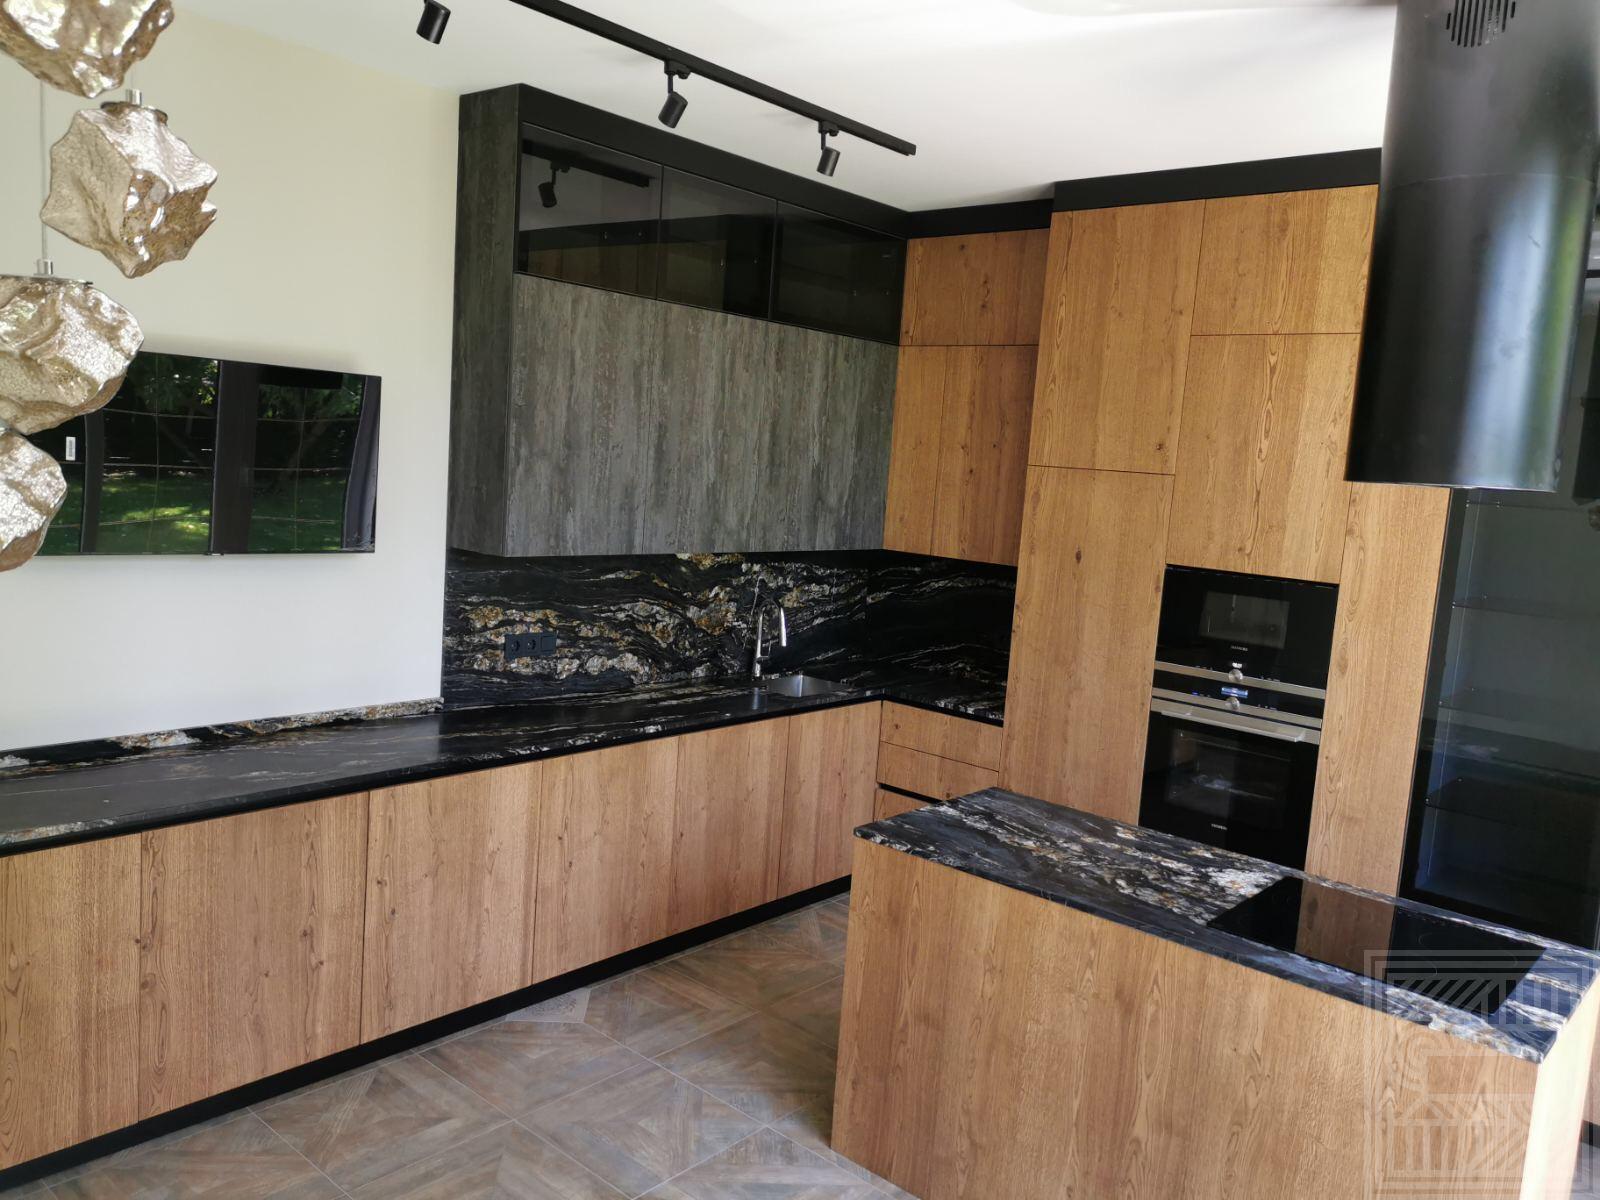 Кухонный комплекс из природного кварцита African Fugen 20 mm stoleshnitsy-iz-kvartsita - Kuhonnyj kompleks iz prirodnogo kvartsita African Fuugen 3 1